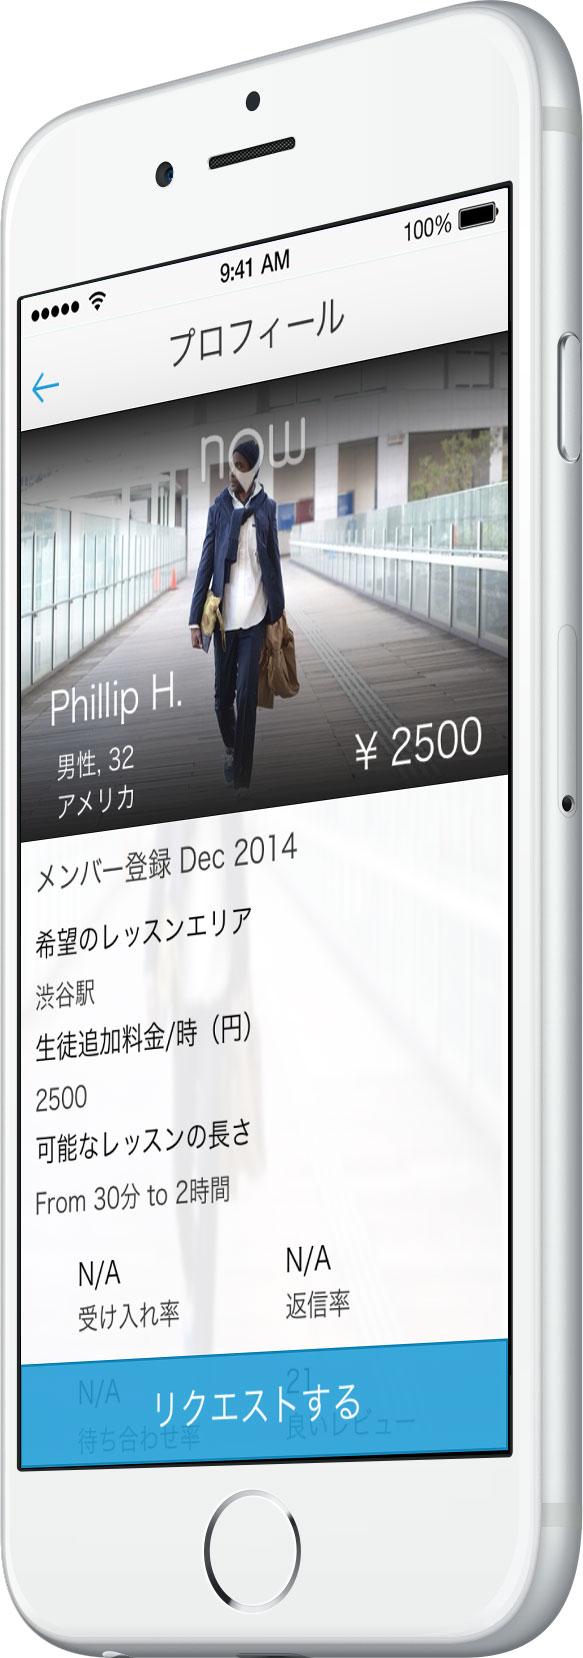 teacher_Phillip.jpg